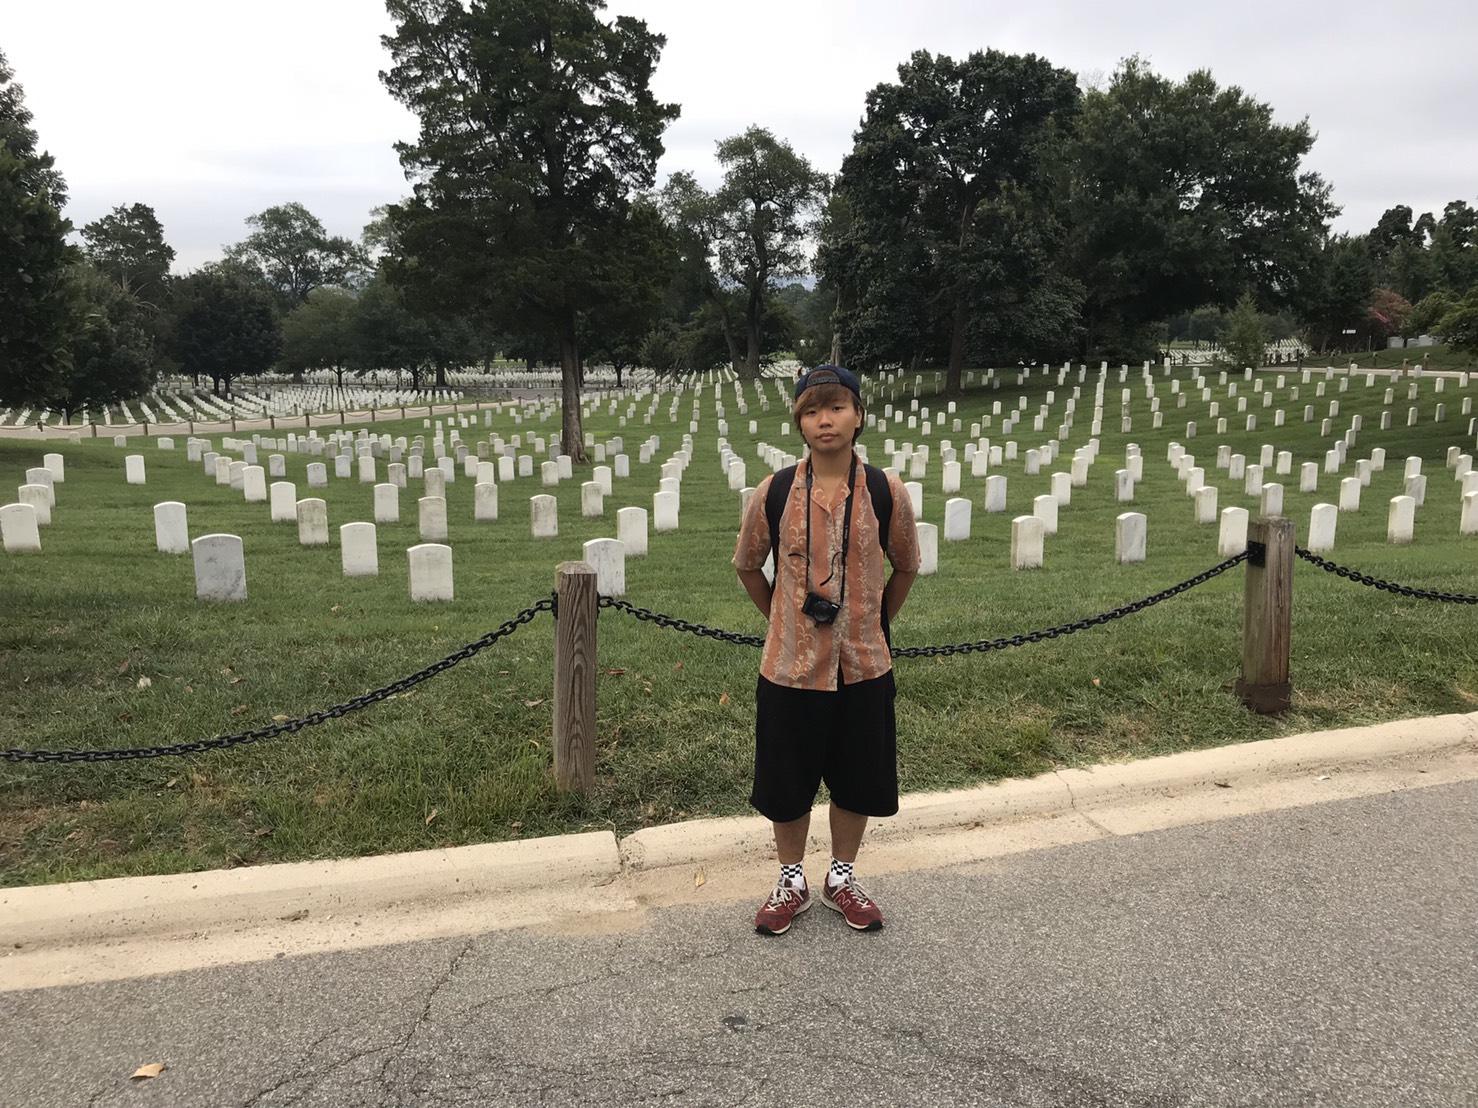 アメリカ横断中 アーリントン国立墓地に行った写真